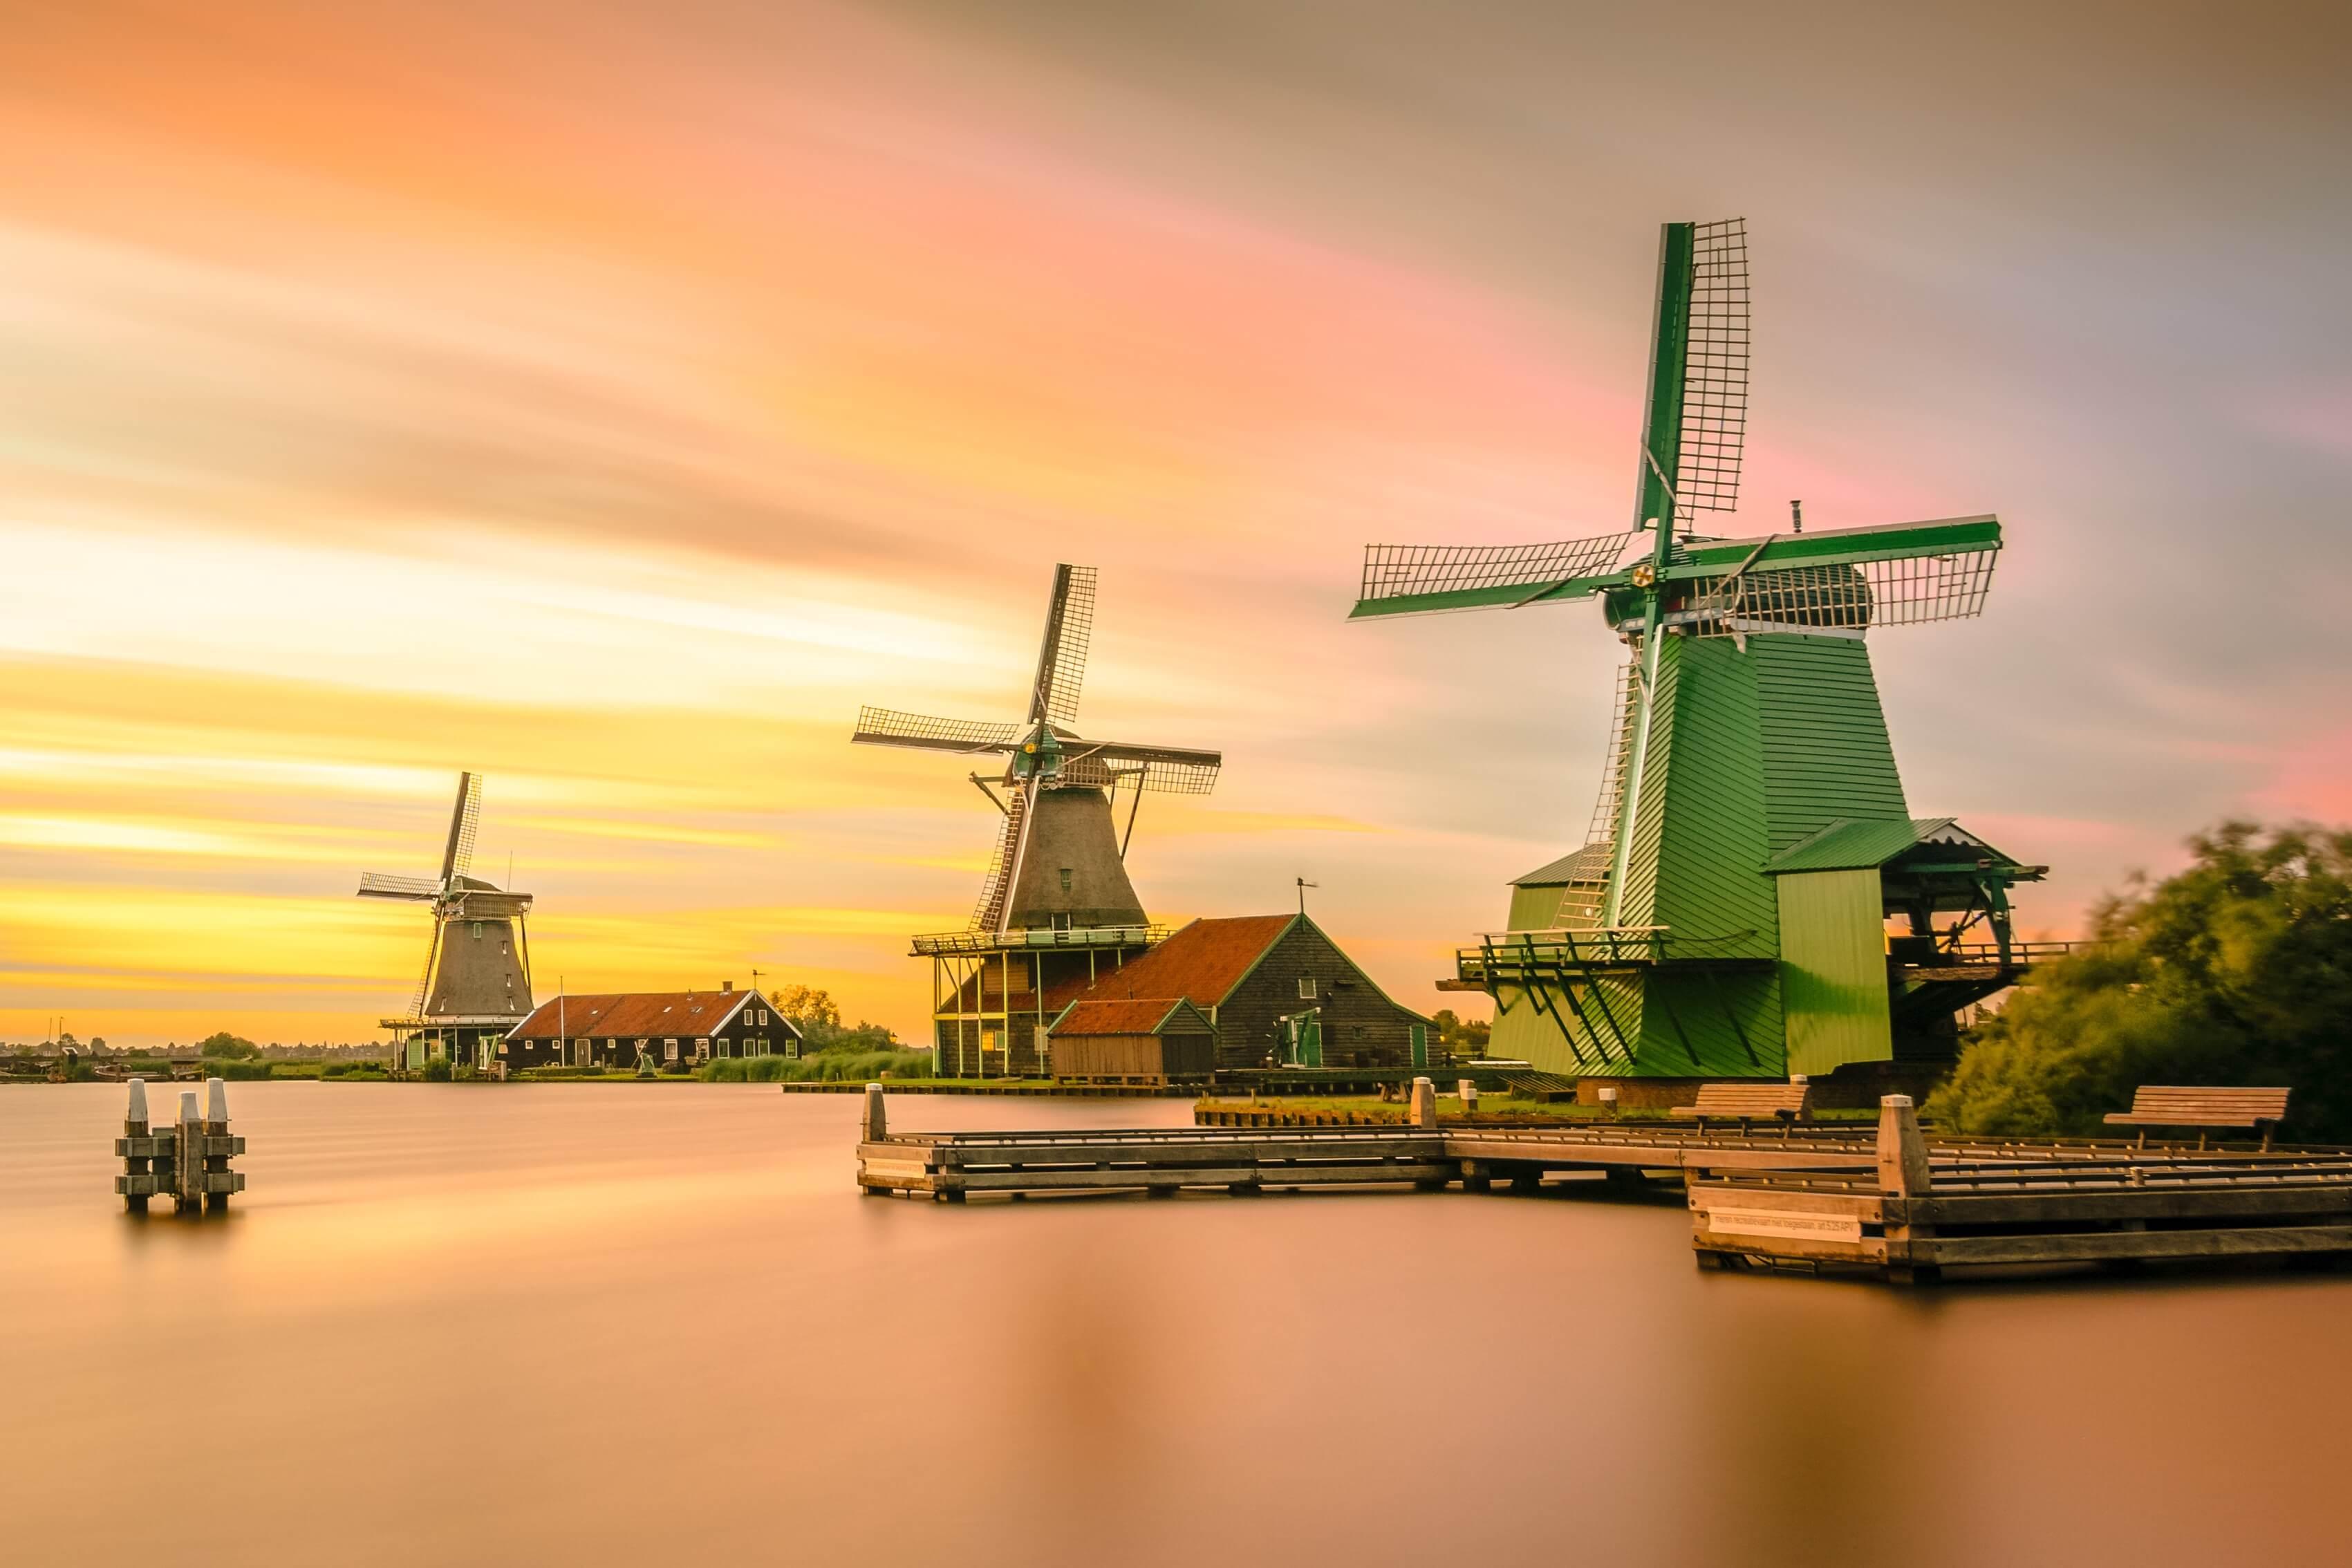 Windmühlen am Wasser, bei Sonnenuntergang